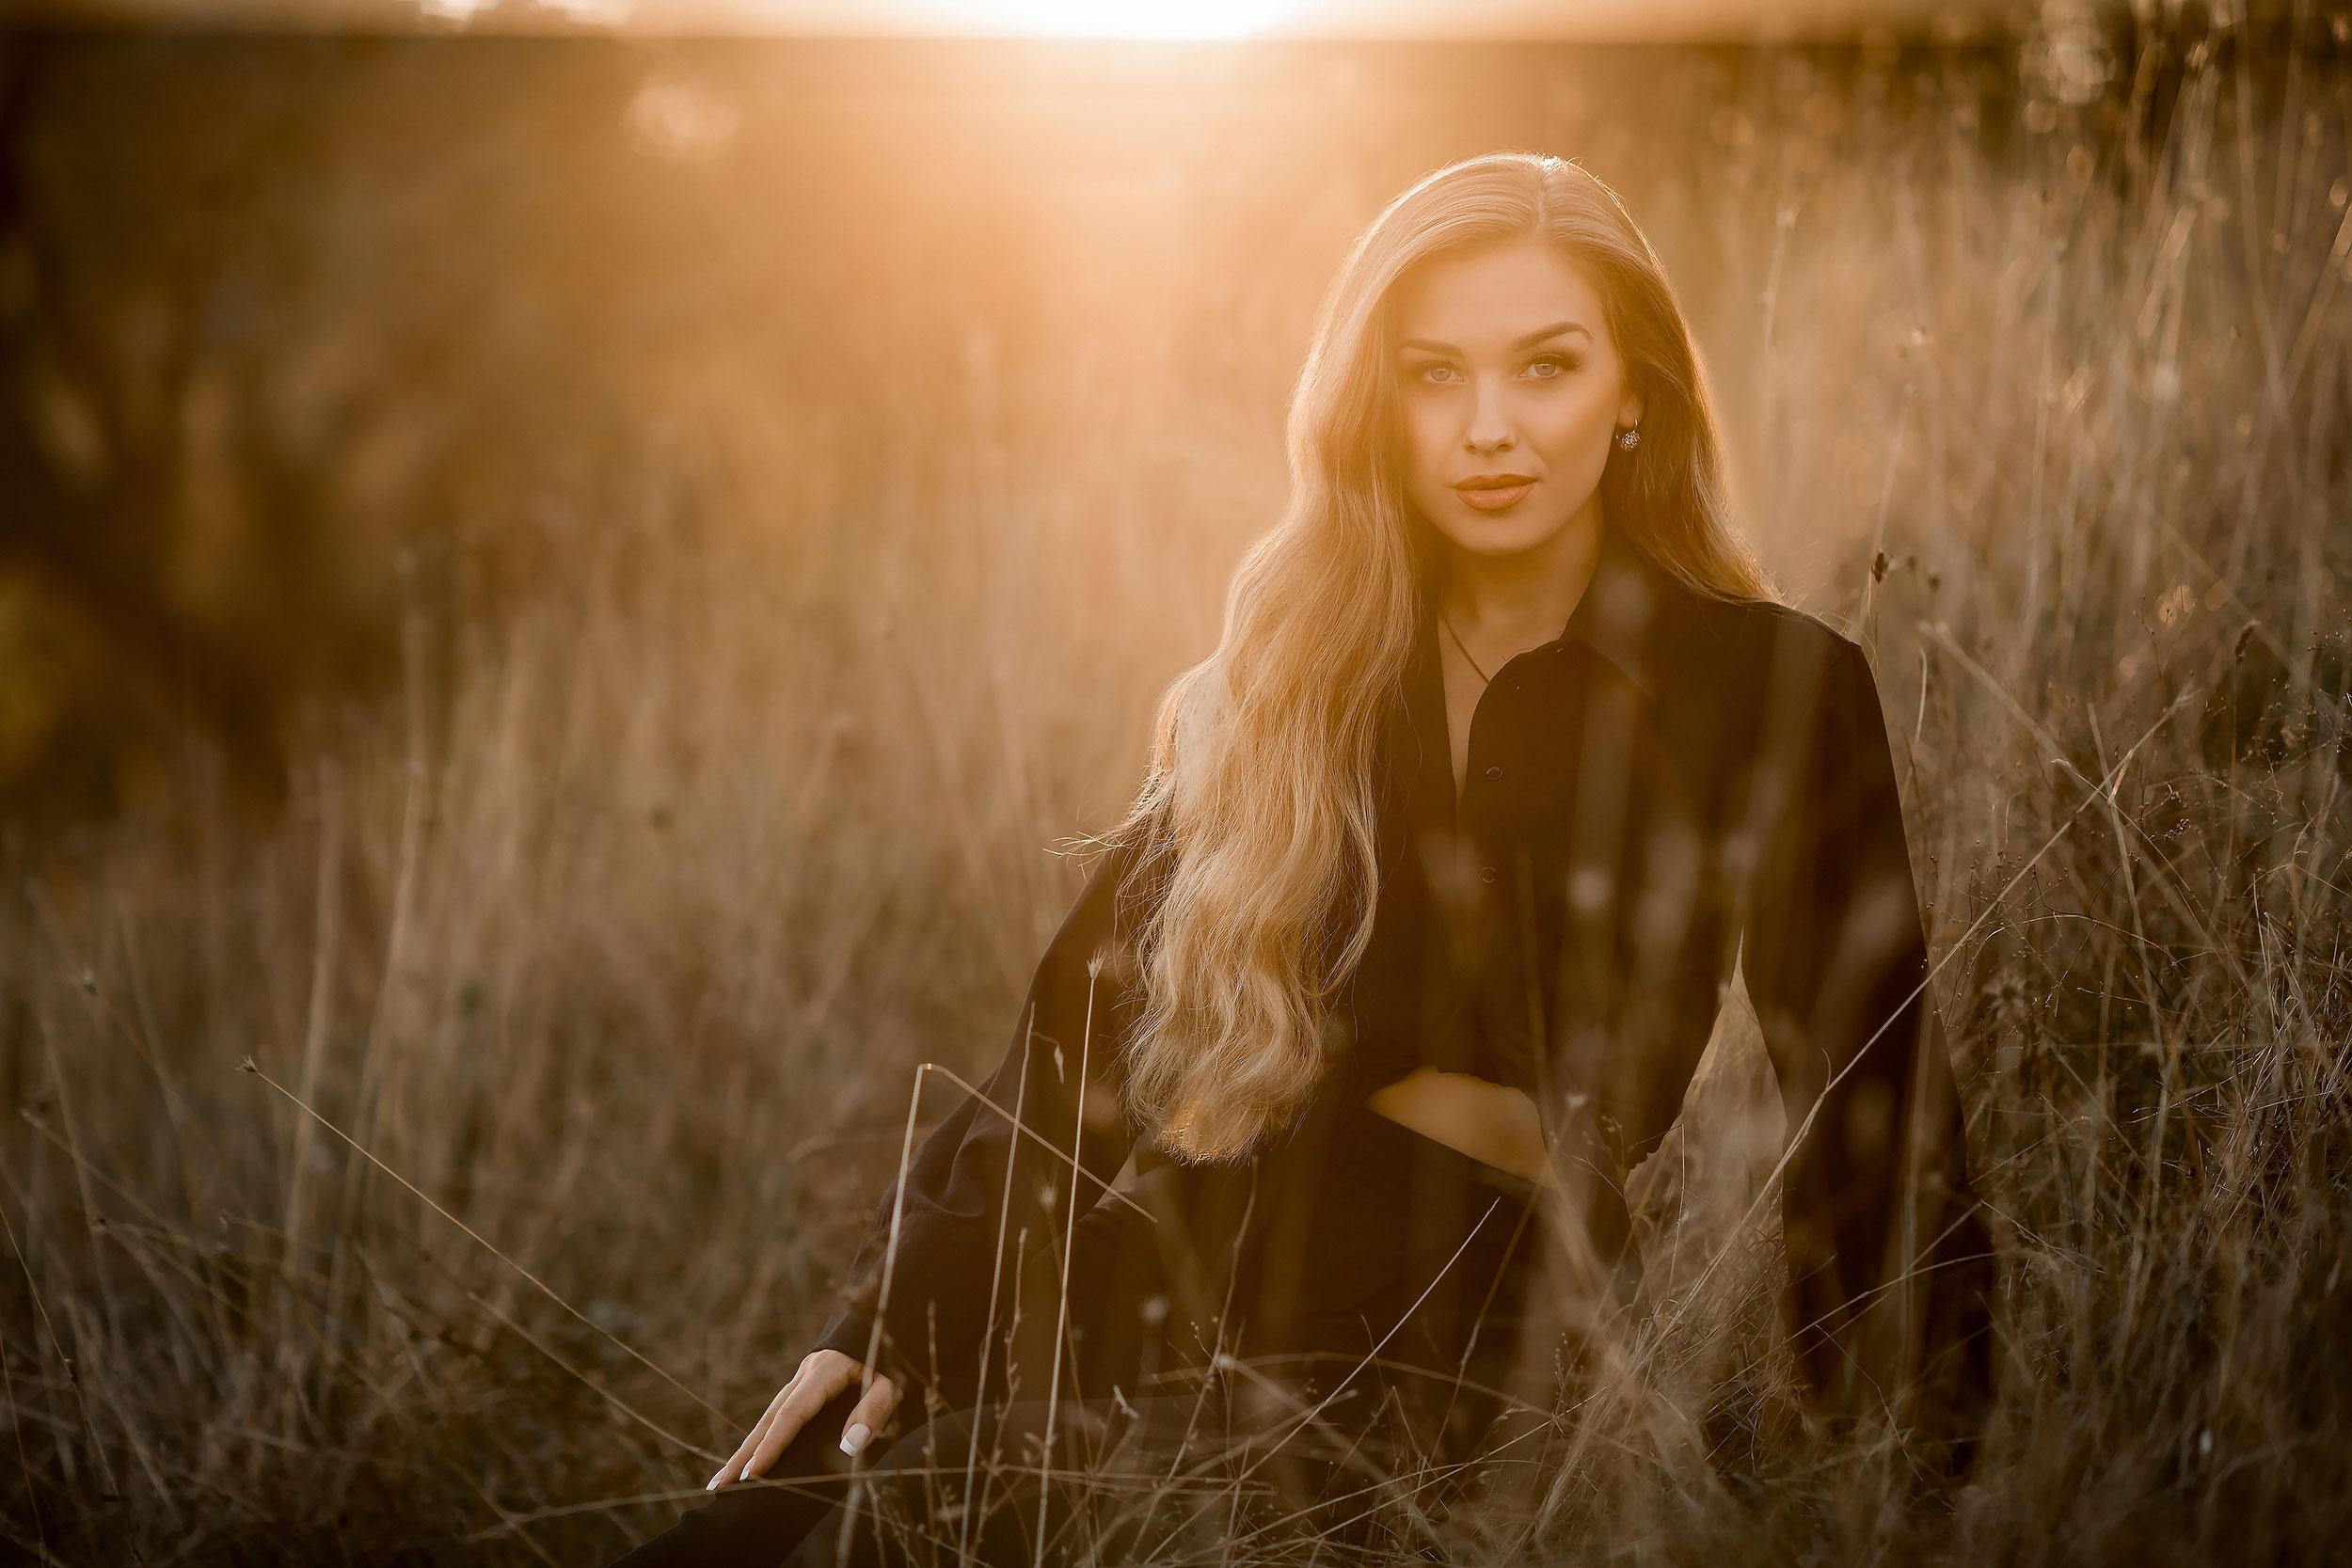 Girl posing during golden hour